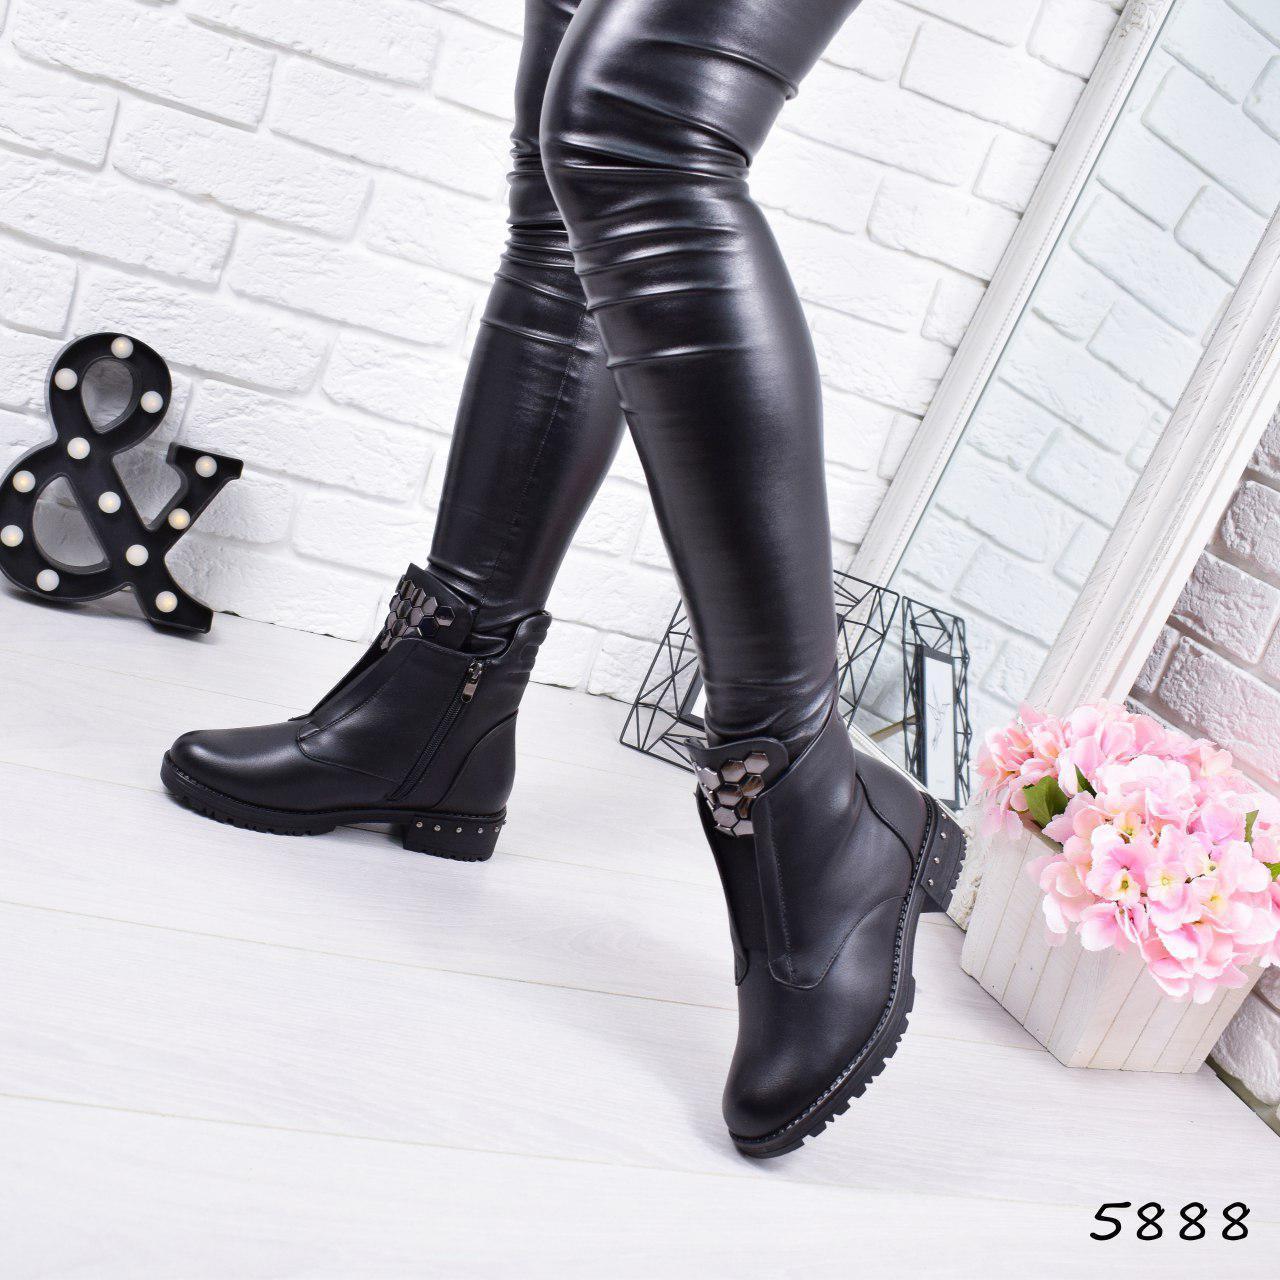 """Ботинки, ботильоны черные ЗИМА """"Gabriele"""" эко кожа, повседневная, зимняя, теплая, женская обувь"""